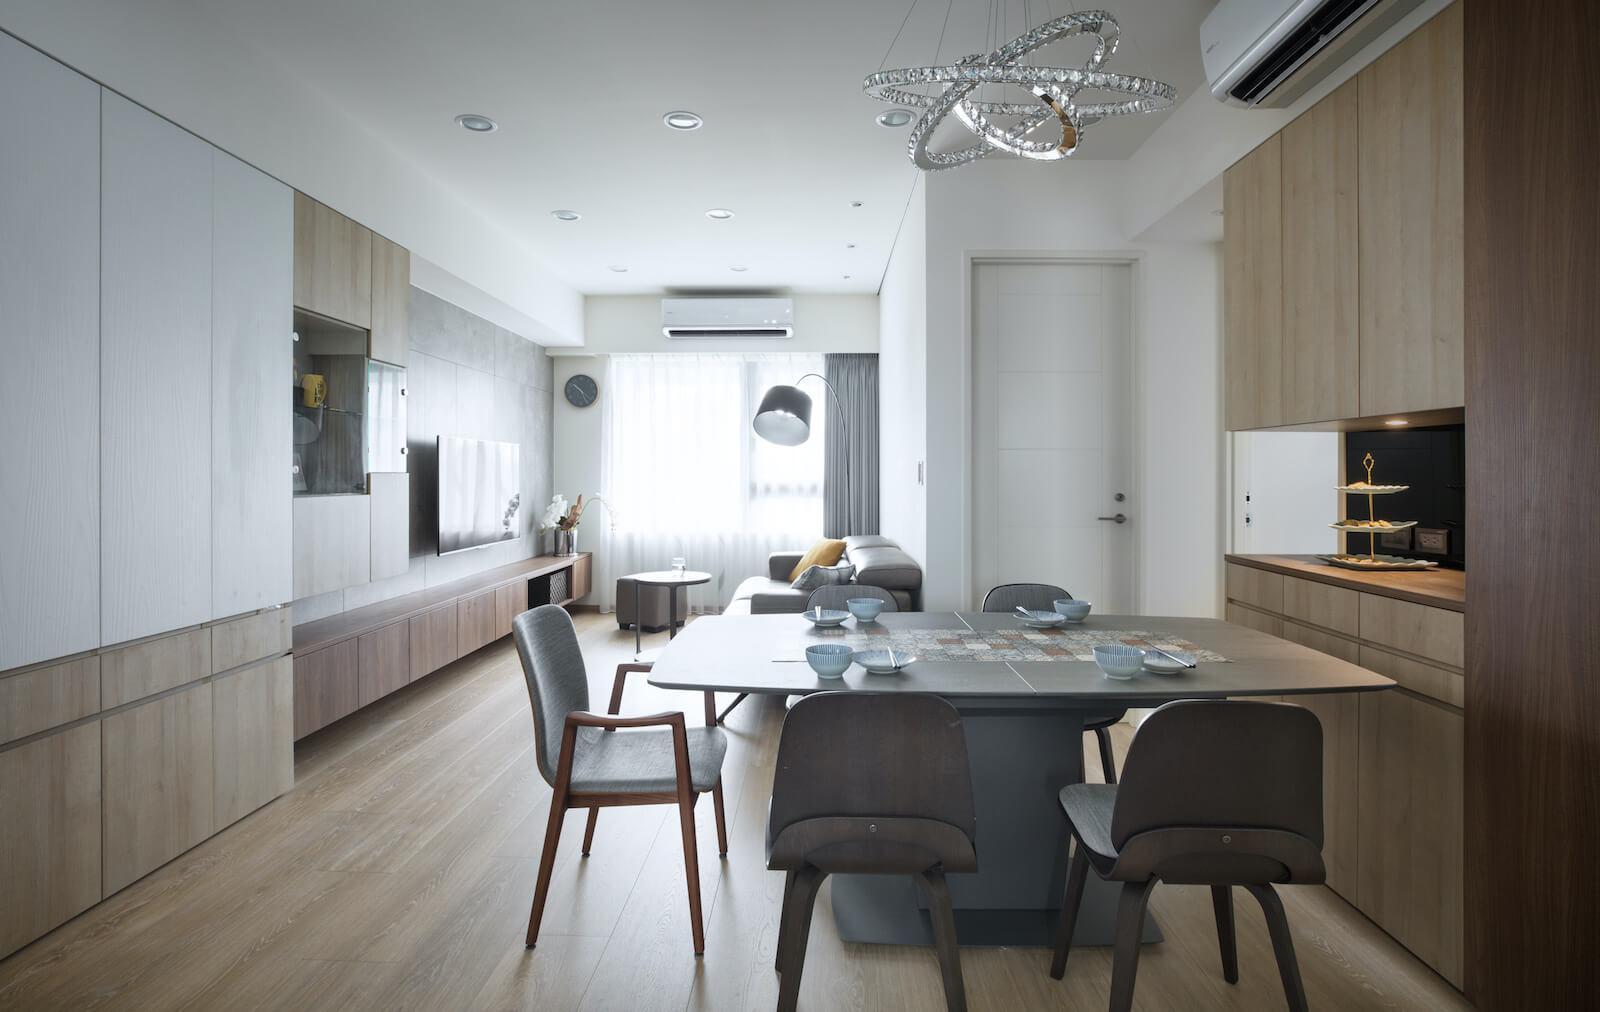 公共場域採開放式設計,灰階色系家具與木質元素,營造簡約俐落的空間質感。